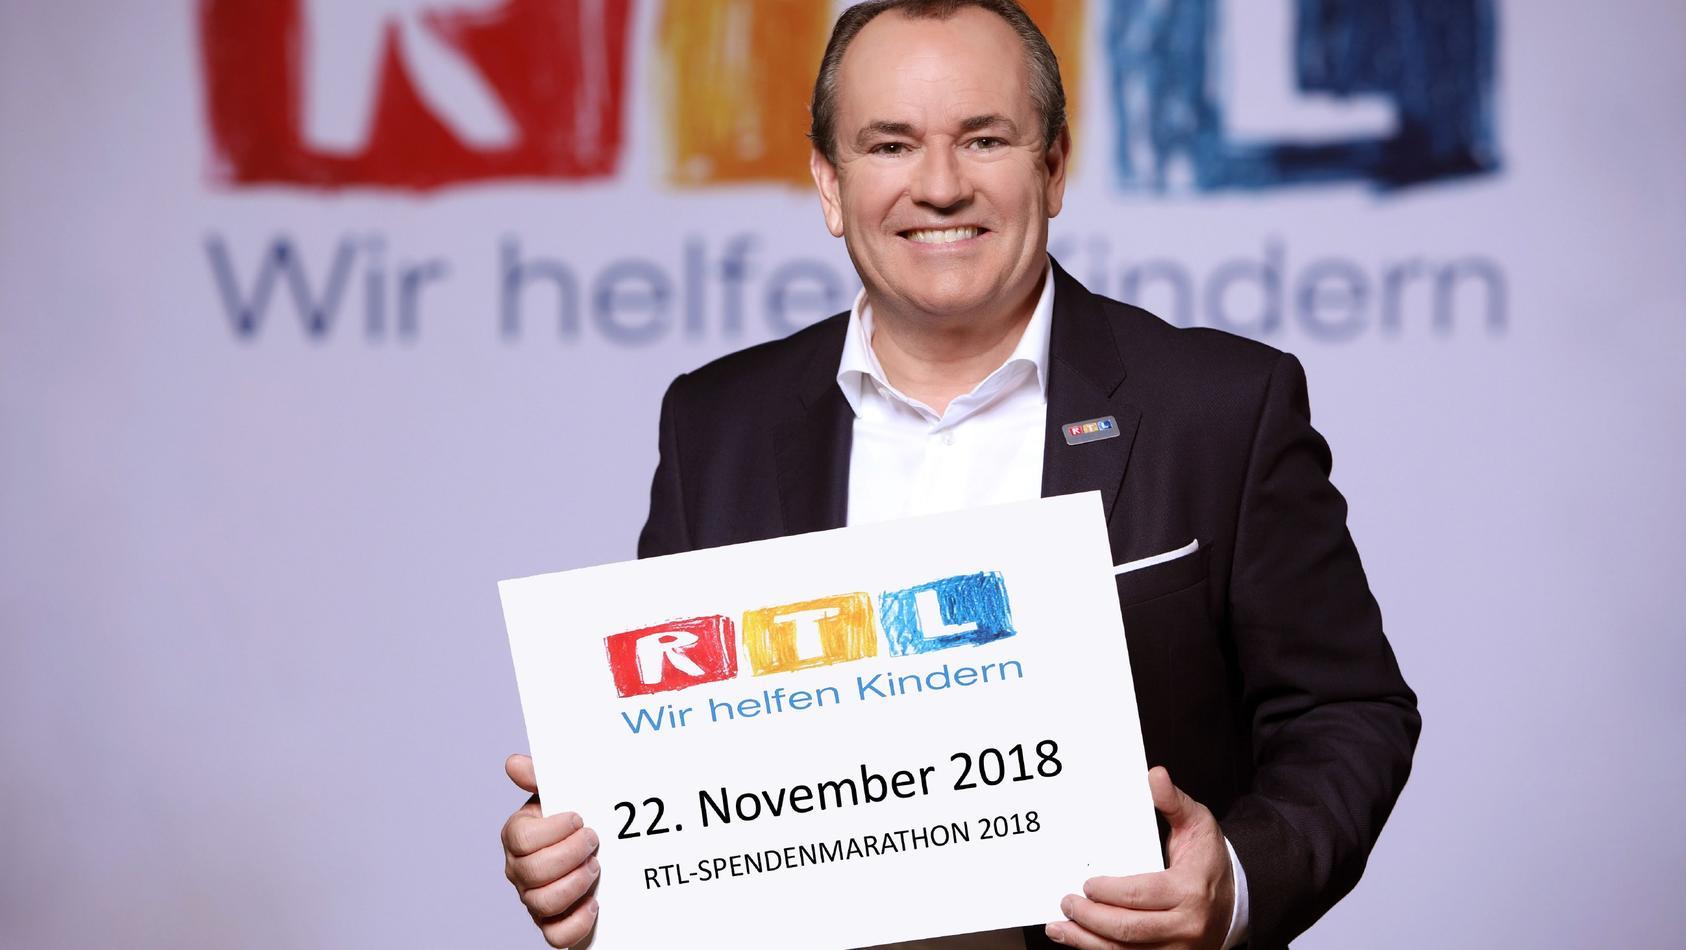 Bereits zum 23. Mal wird Wolfram Kons den 24-stündigen RTL-Spendenmarathon starten und die RTL-Zuschauer zu Spenden aufrufen.